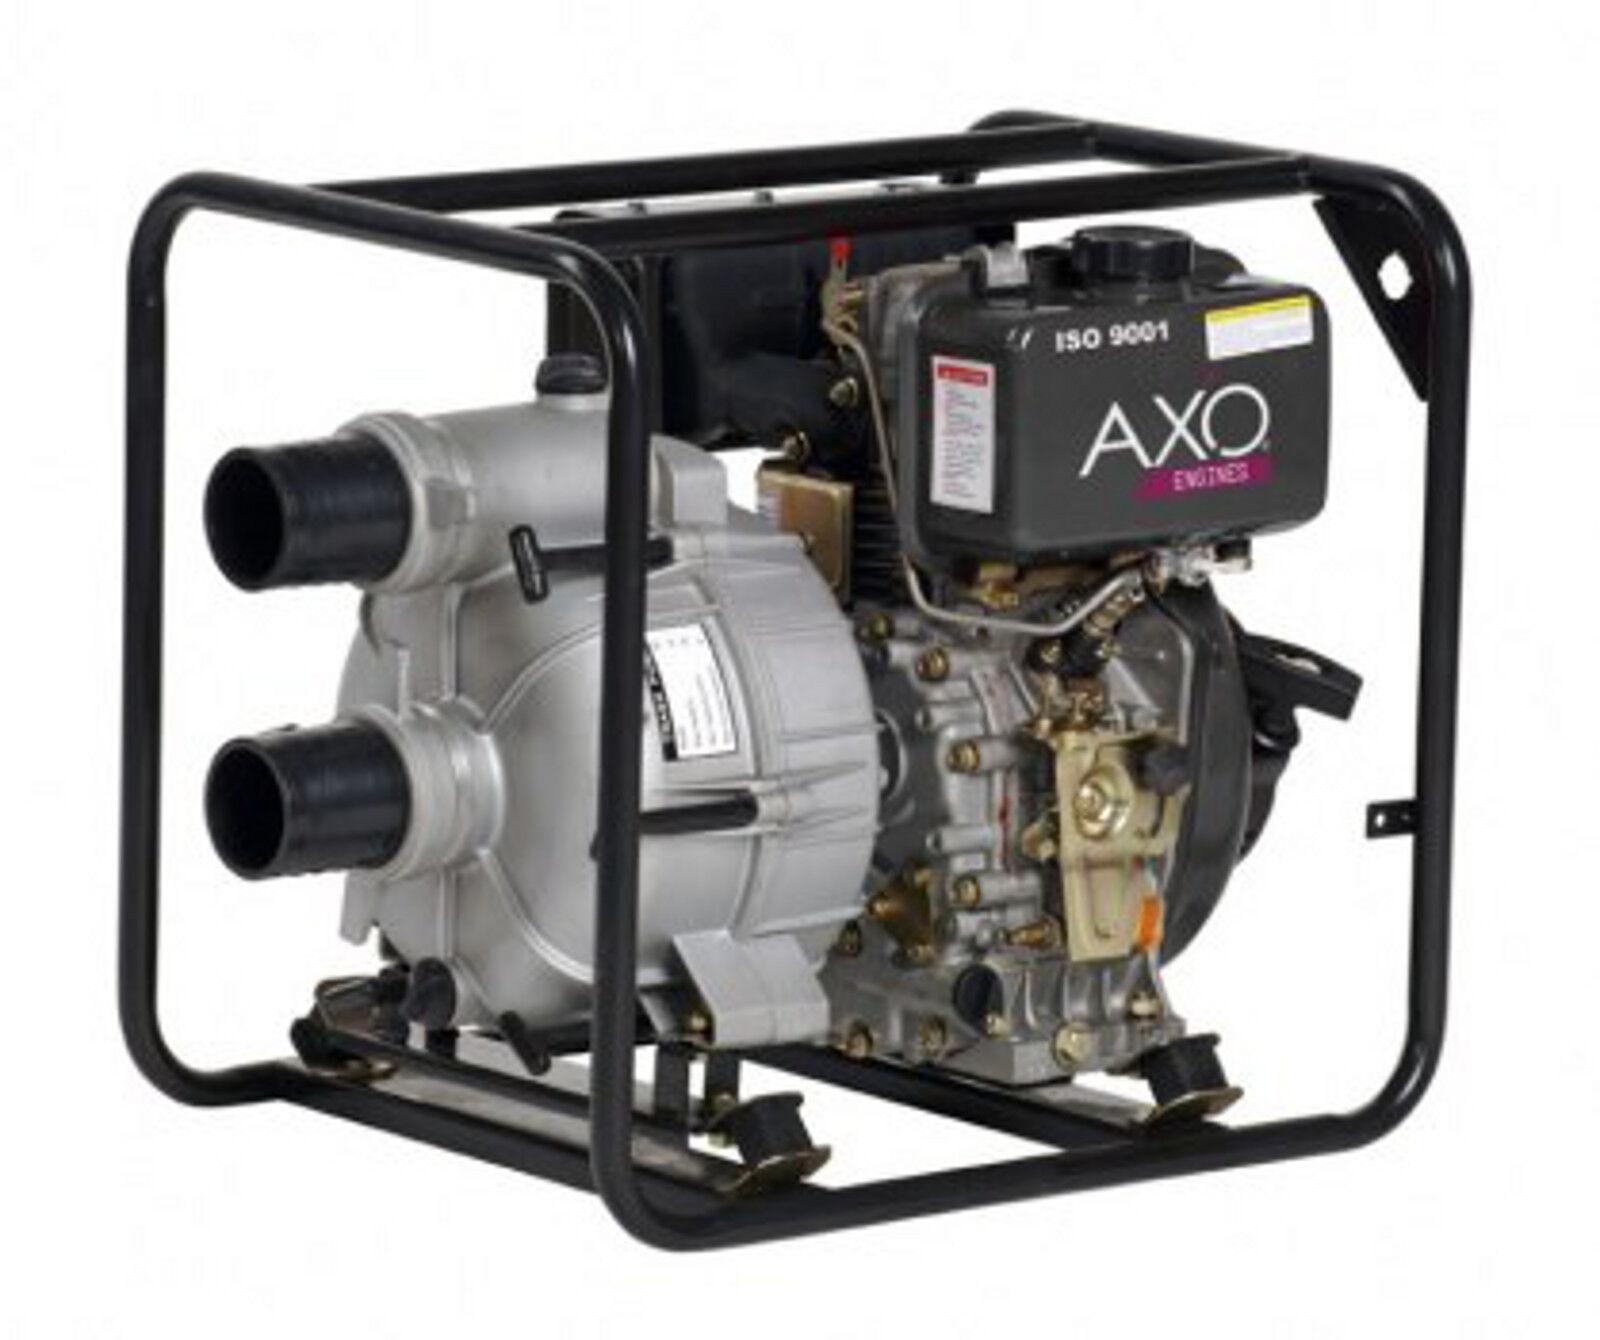 MOTOPOMPA TRASH AXO AMTR D80 1 PER ACQUE SPORCHE-DIESEL - 6,7HP - 2,5 LT -OTTIMO